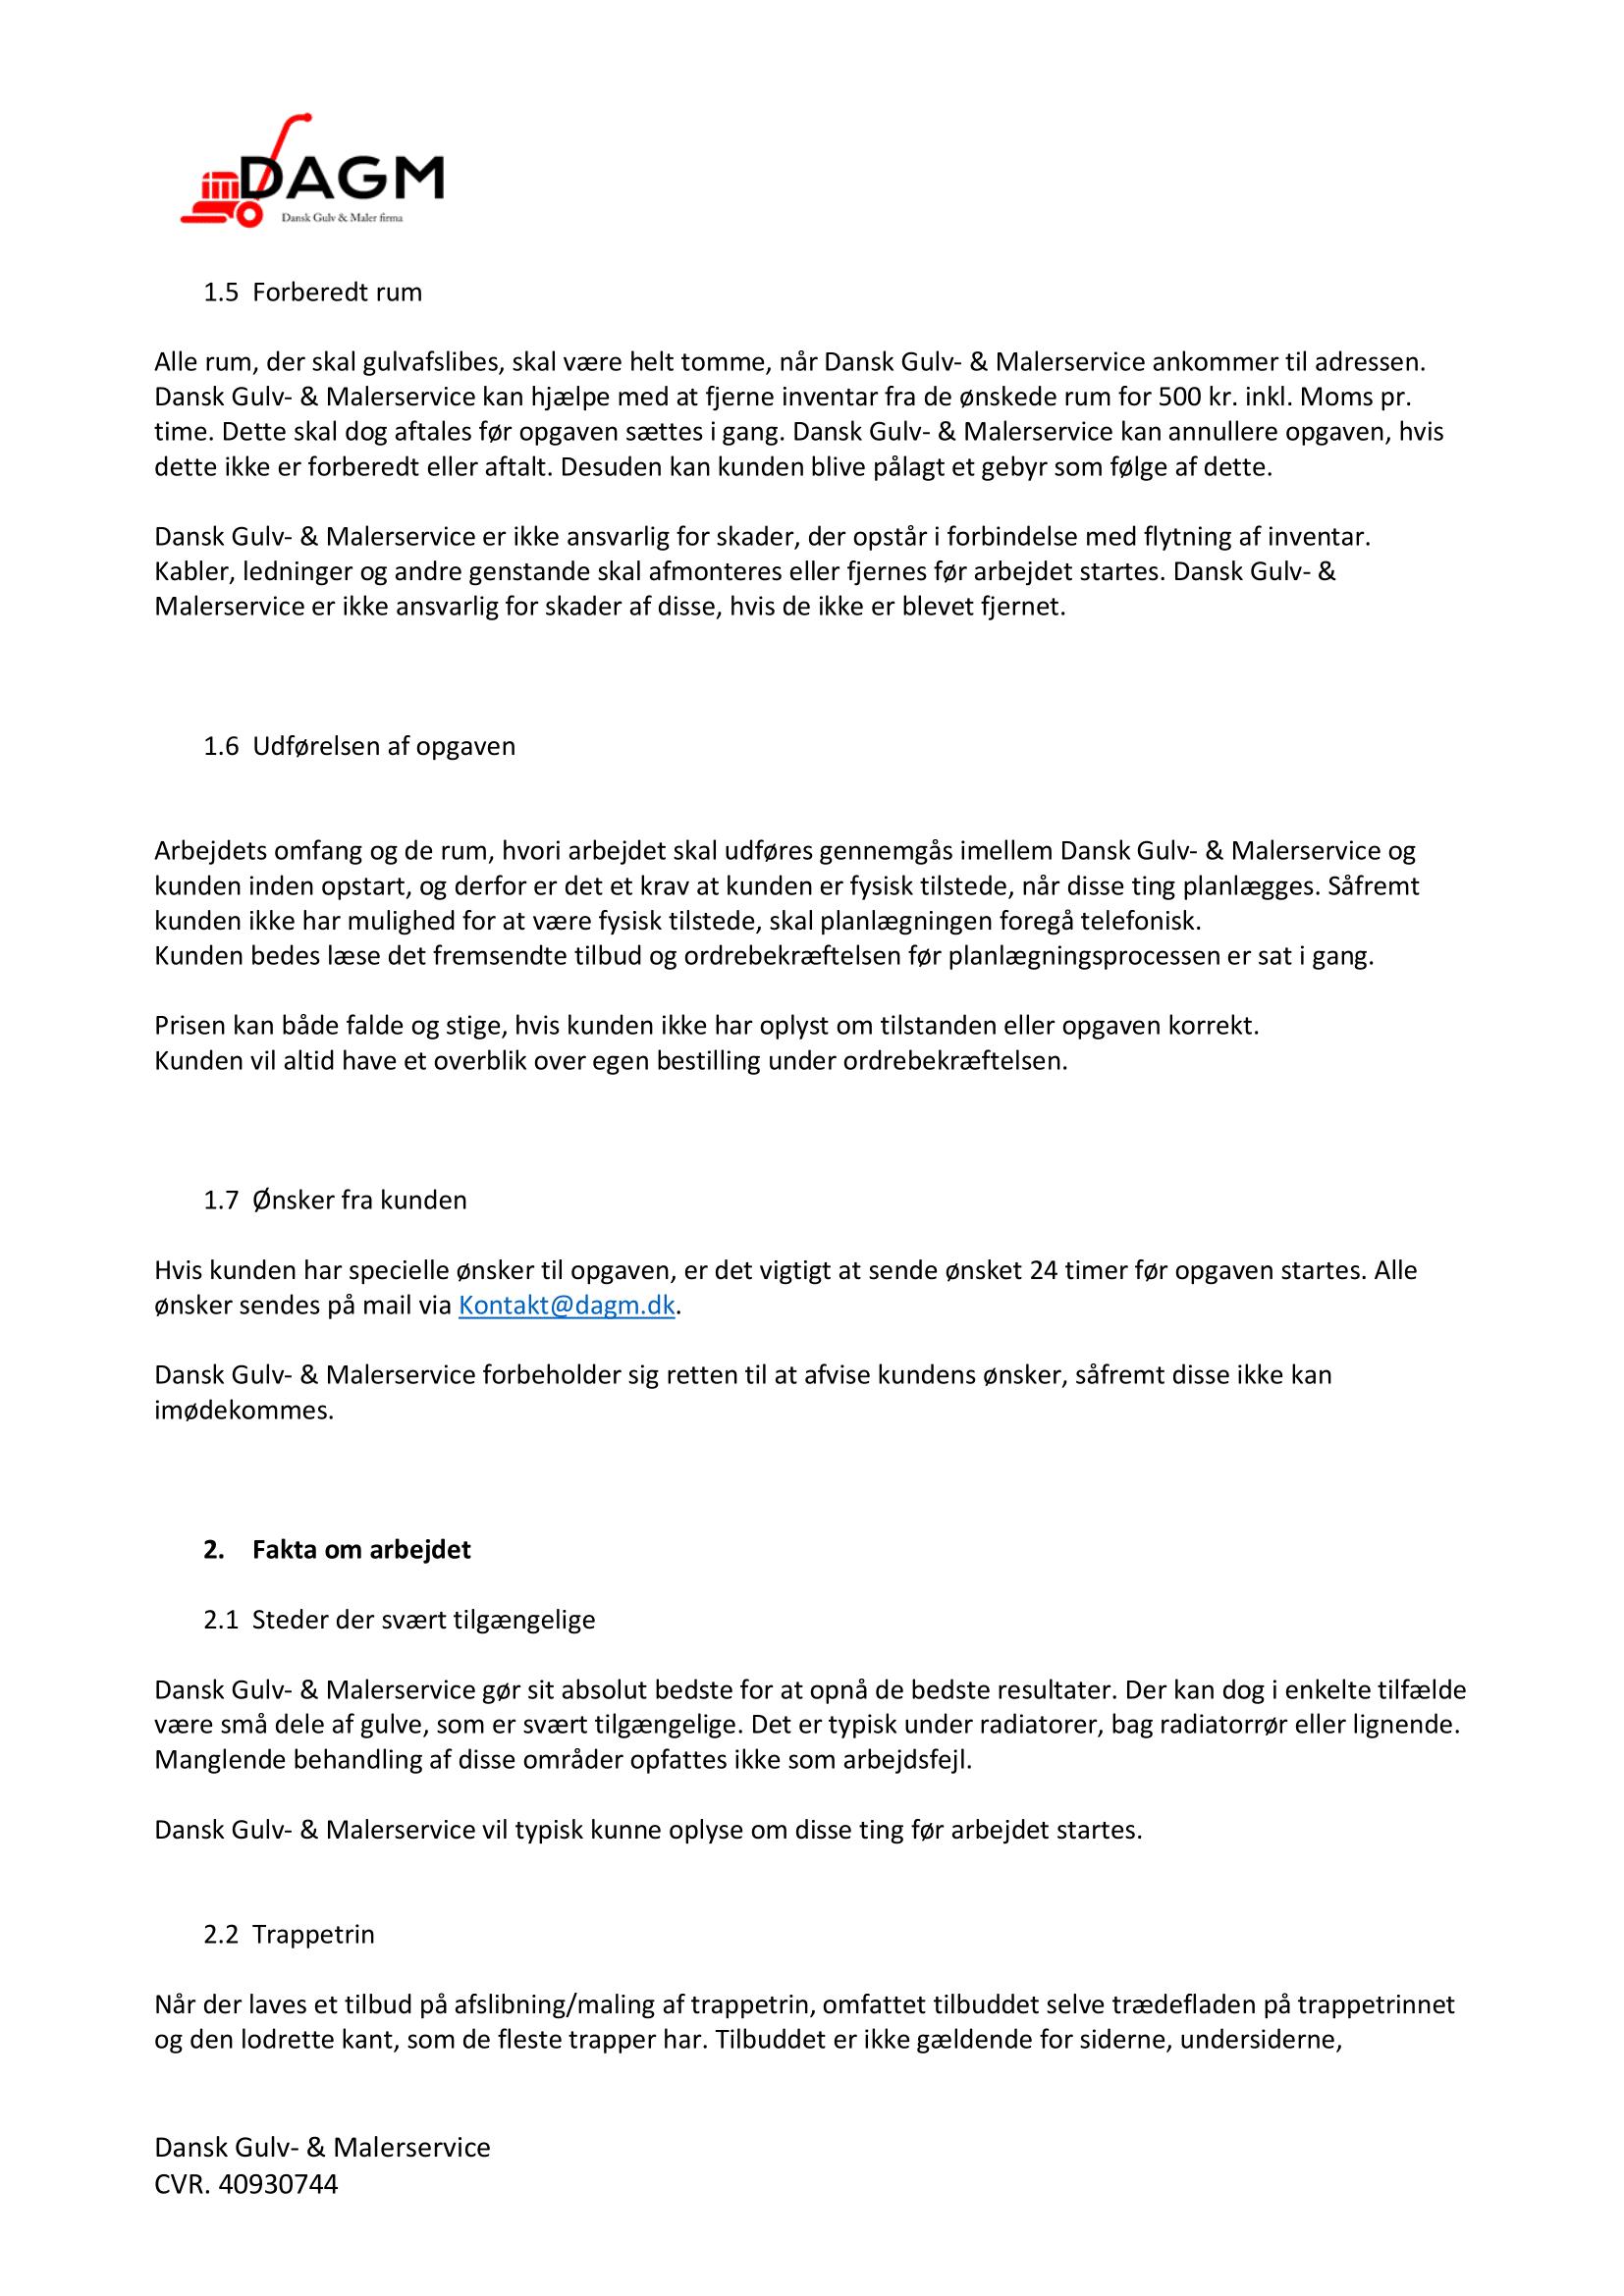 Arbejdsbetingelser-2.png